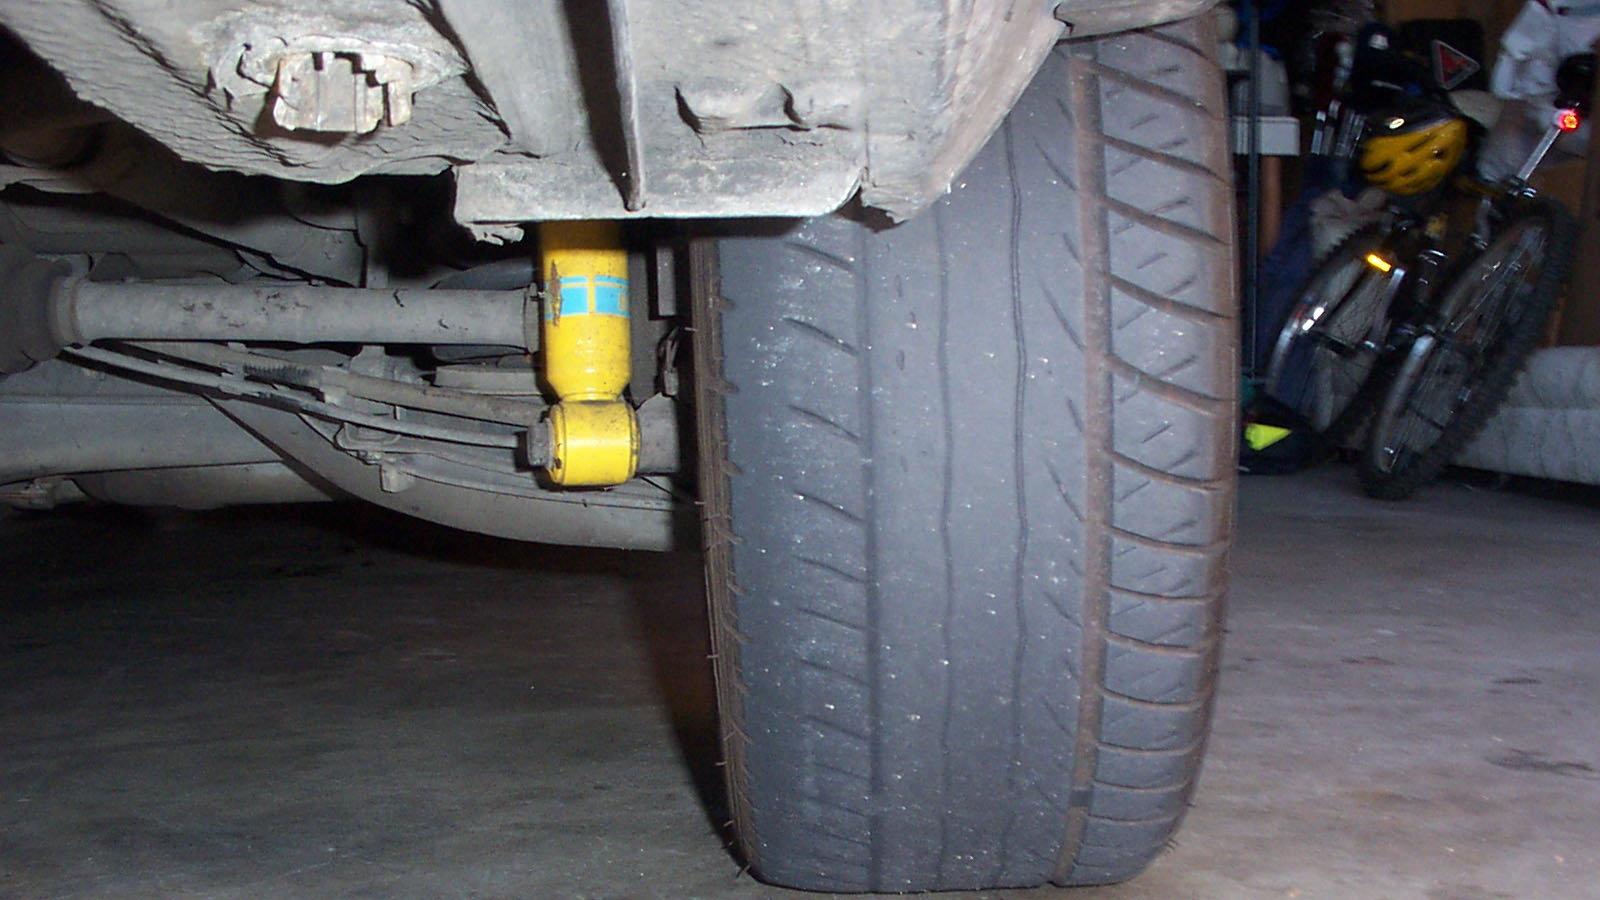 Improper Tire Pressure